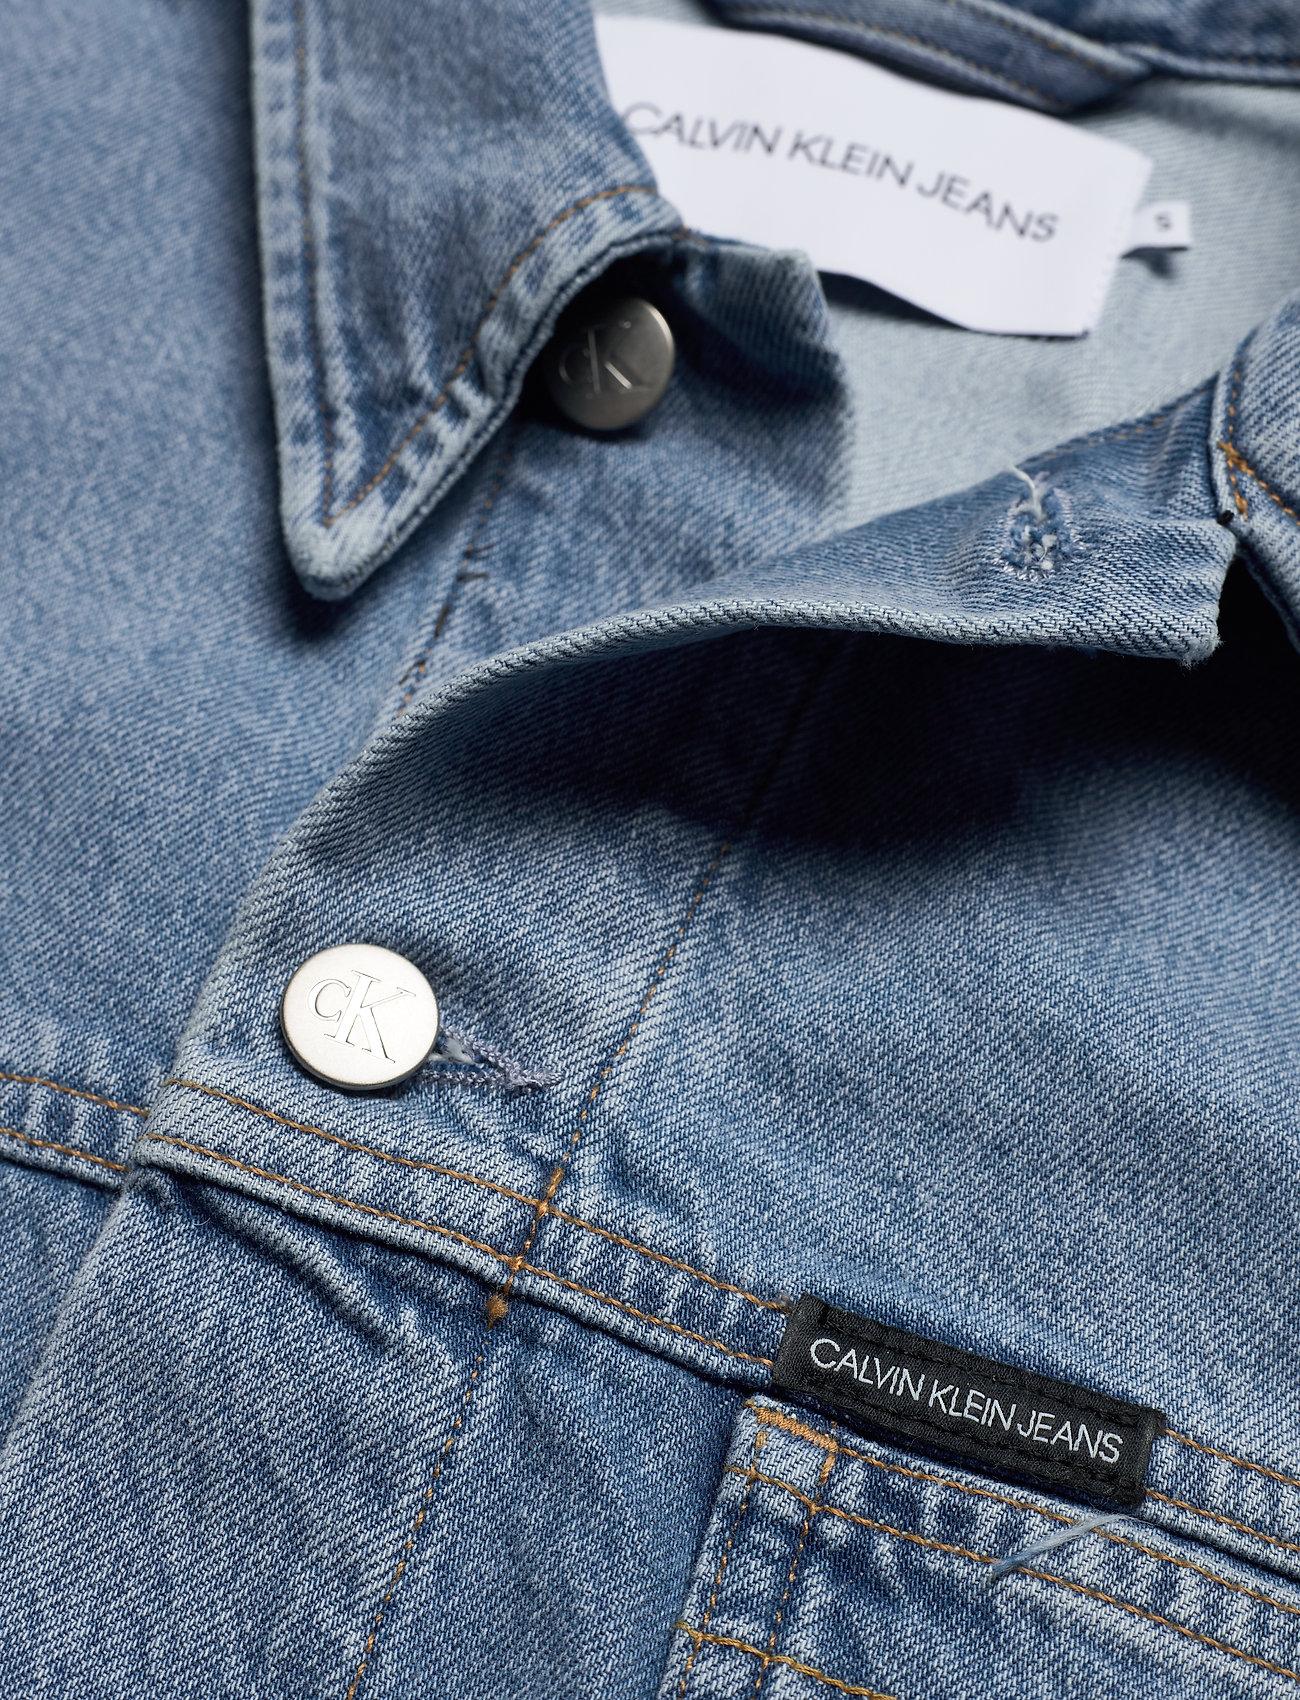 Calvin Klein Jeans CROPPED OVERSIZED TRUCKER - Kurtki i Płaszcze DA087 ICN LIGHT BLUE - Kobiety Odzież.